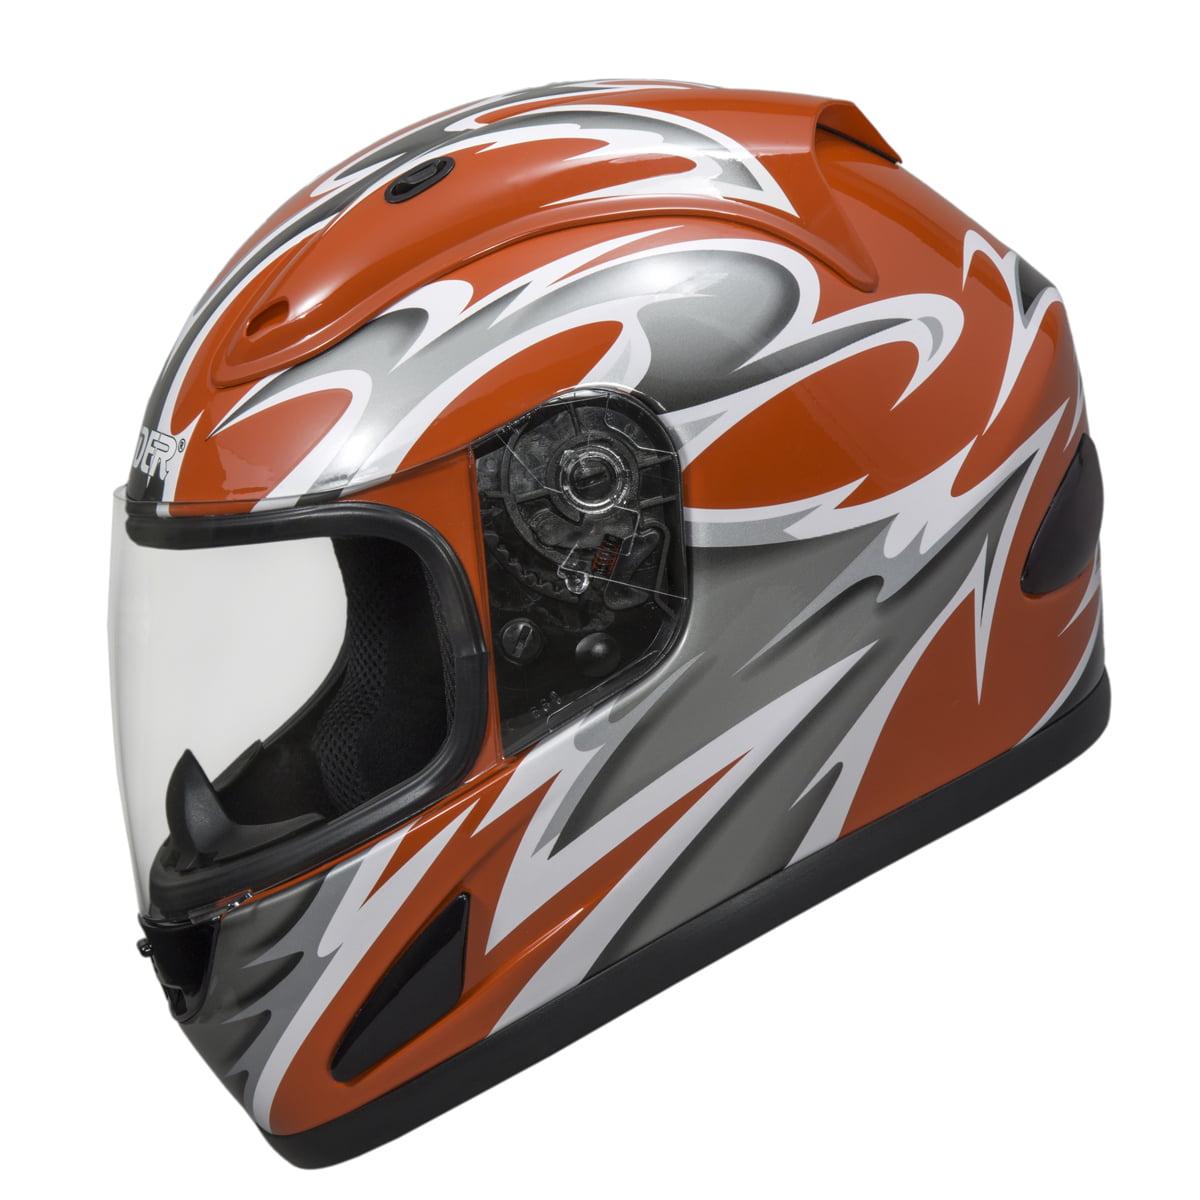 Raider Full Face Motorcycle Helmet Street Bike Helmet DOT Approved